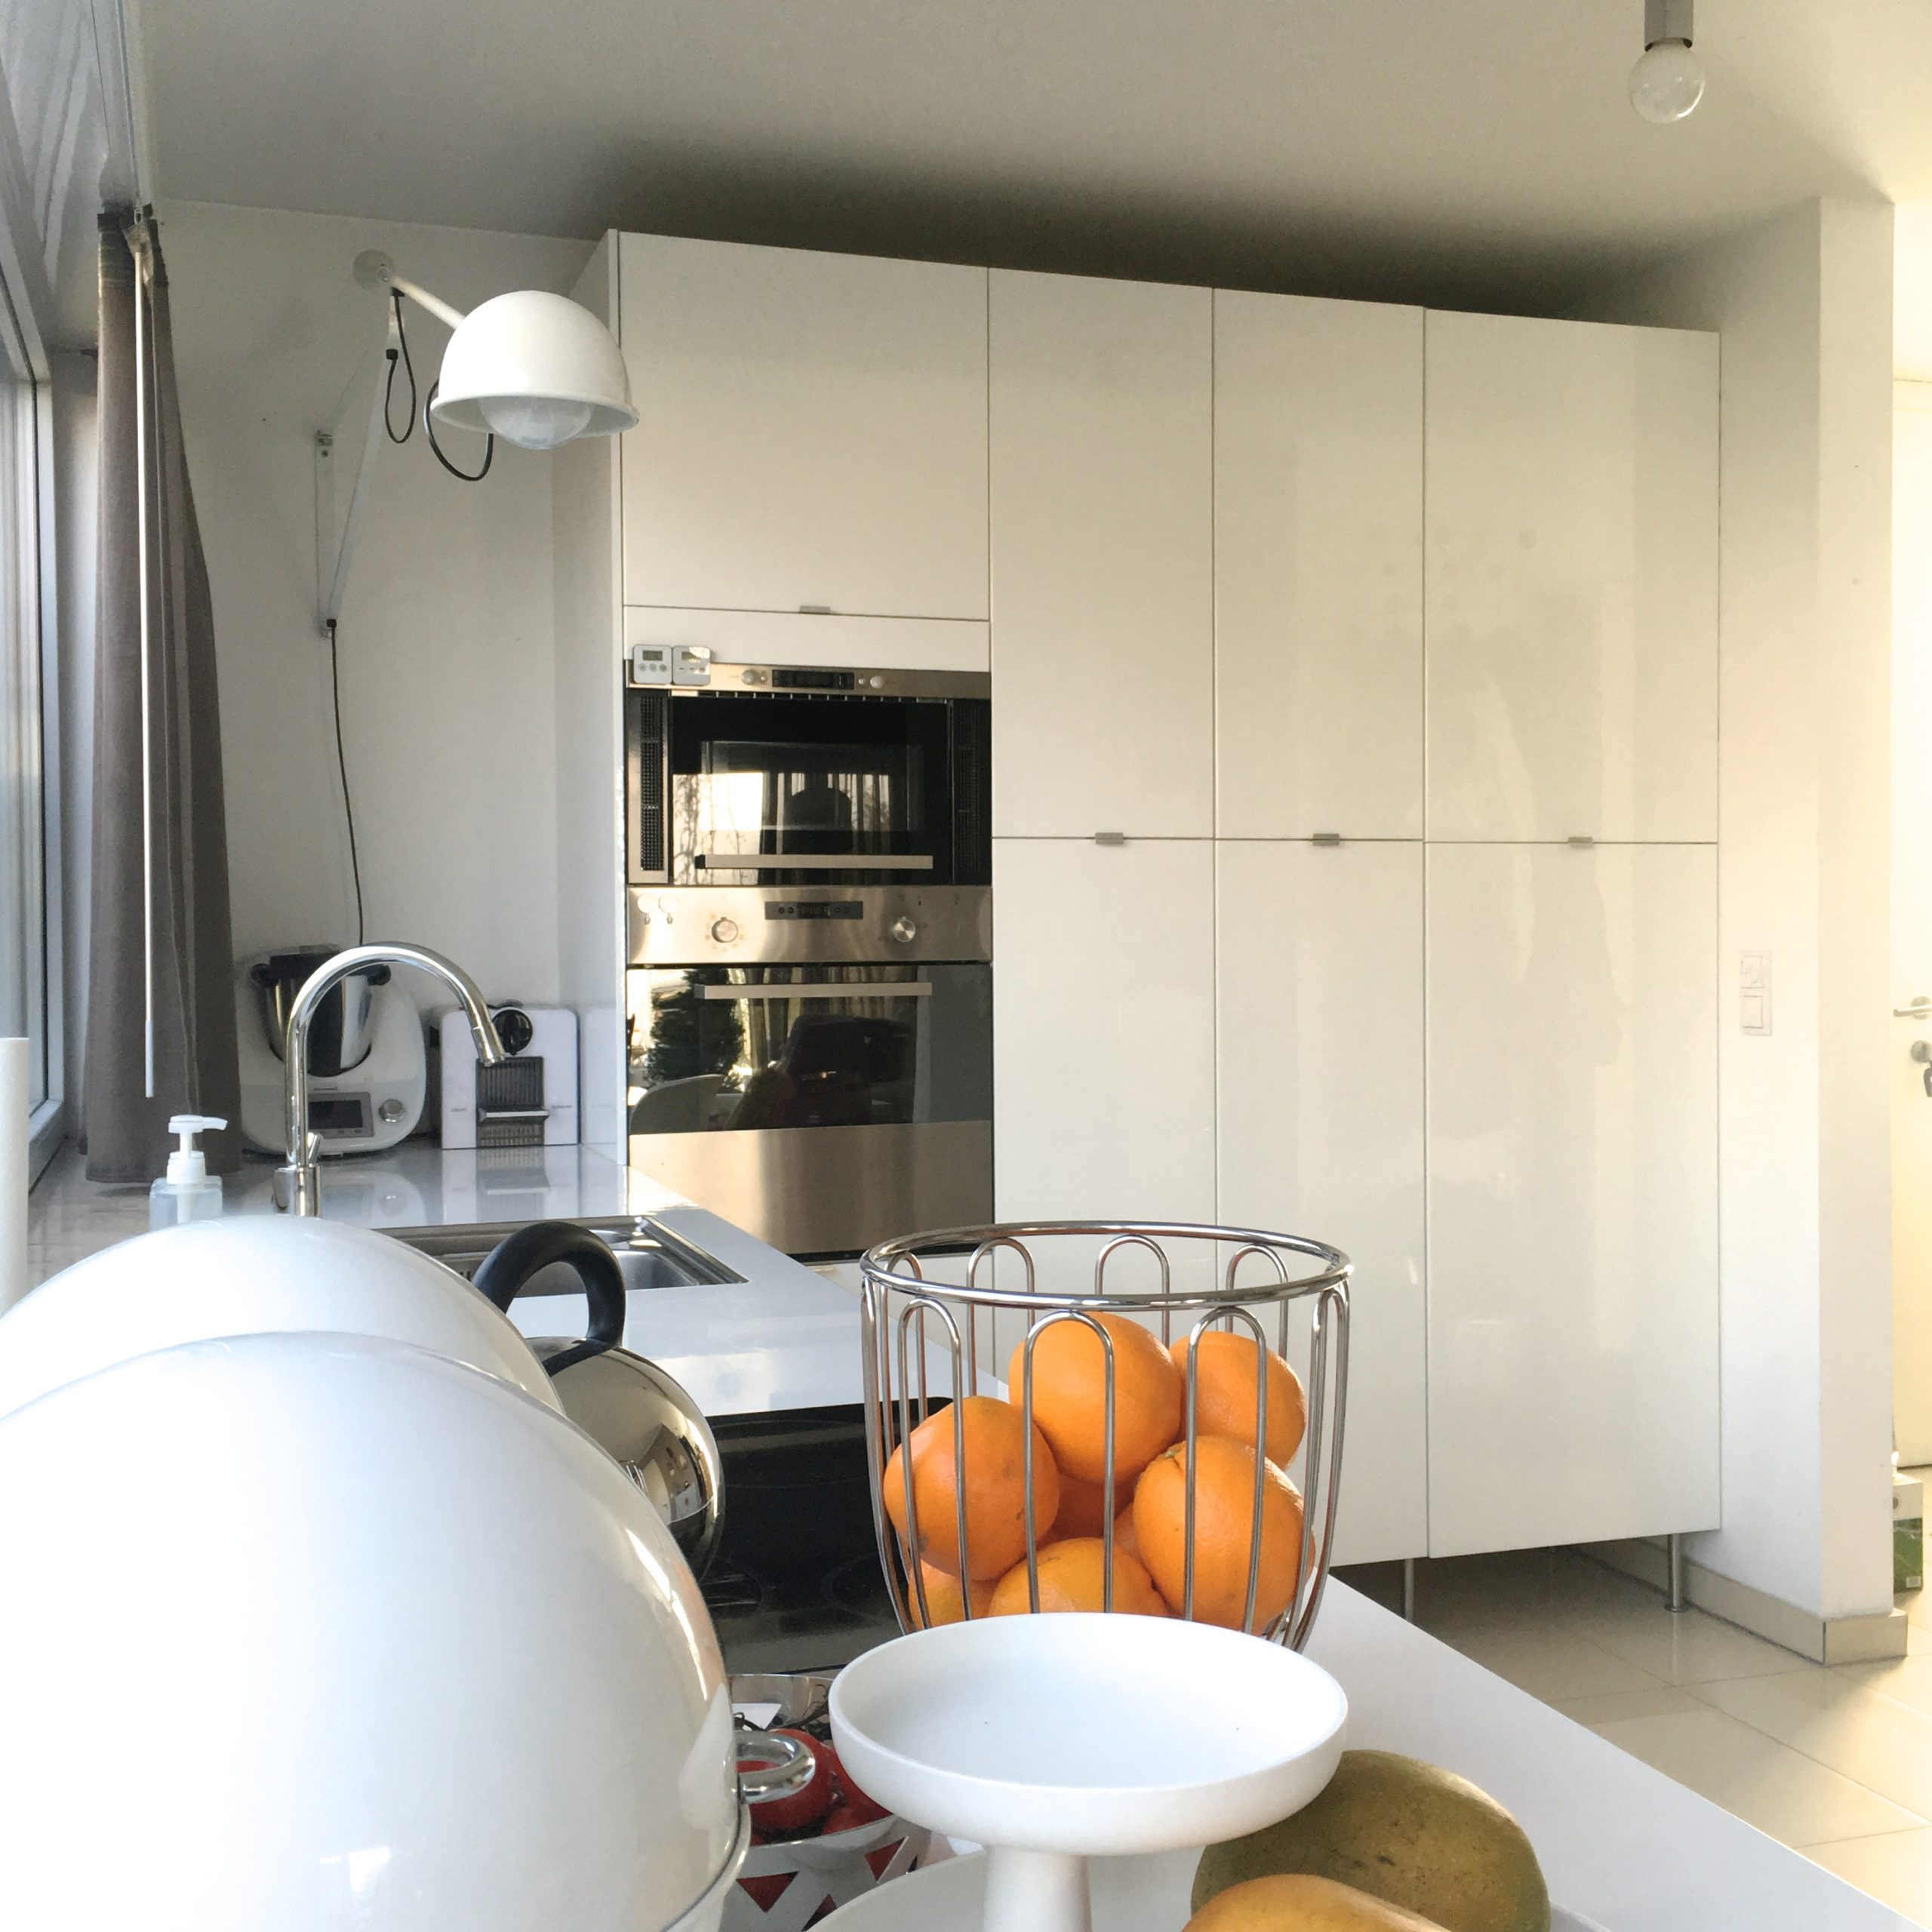 Full Size of Küchenschrank Ikea Kche Low Budget Geht Auch Edel All About Design Betten Bei Küche Kosten Miniküche Kaufen Modulküche 160x200 Sofa Mit Schlaffunktion Wohnzimmer Küchenschrank Ikea